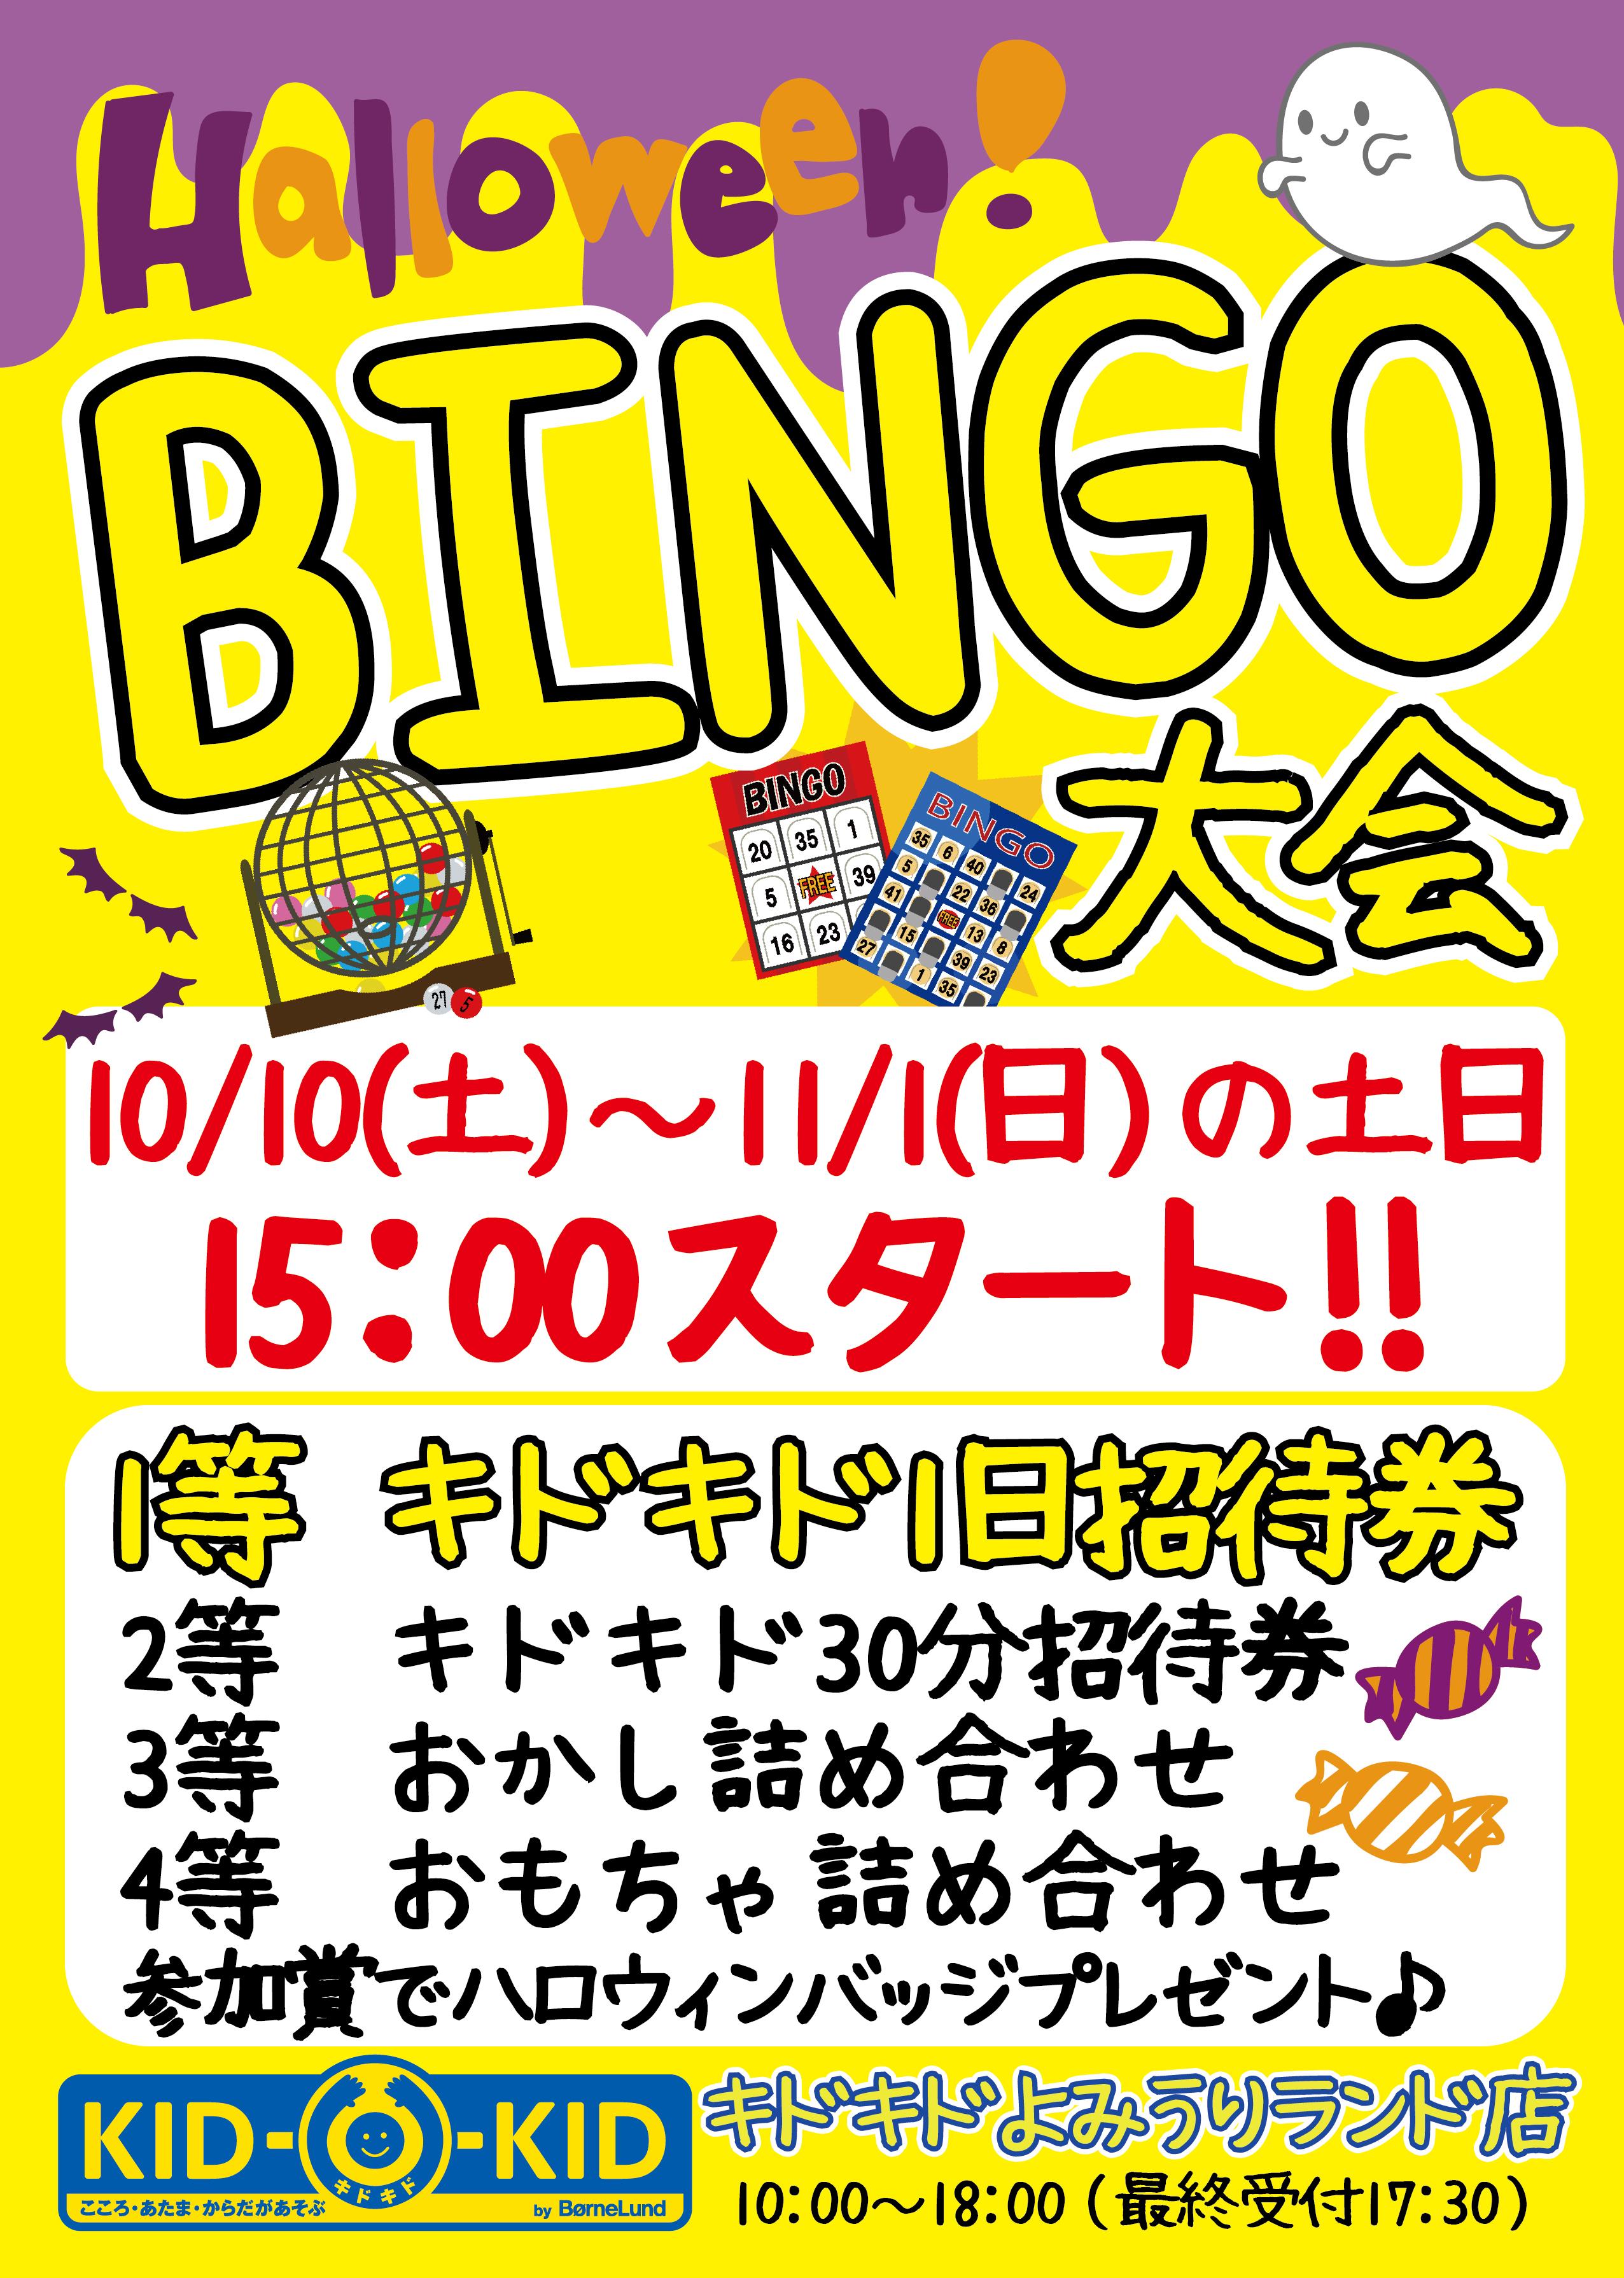 10/31㊏11/1㊐15時 ハロウィンビンゴ大会!